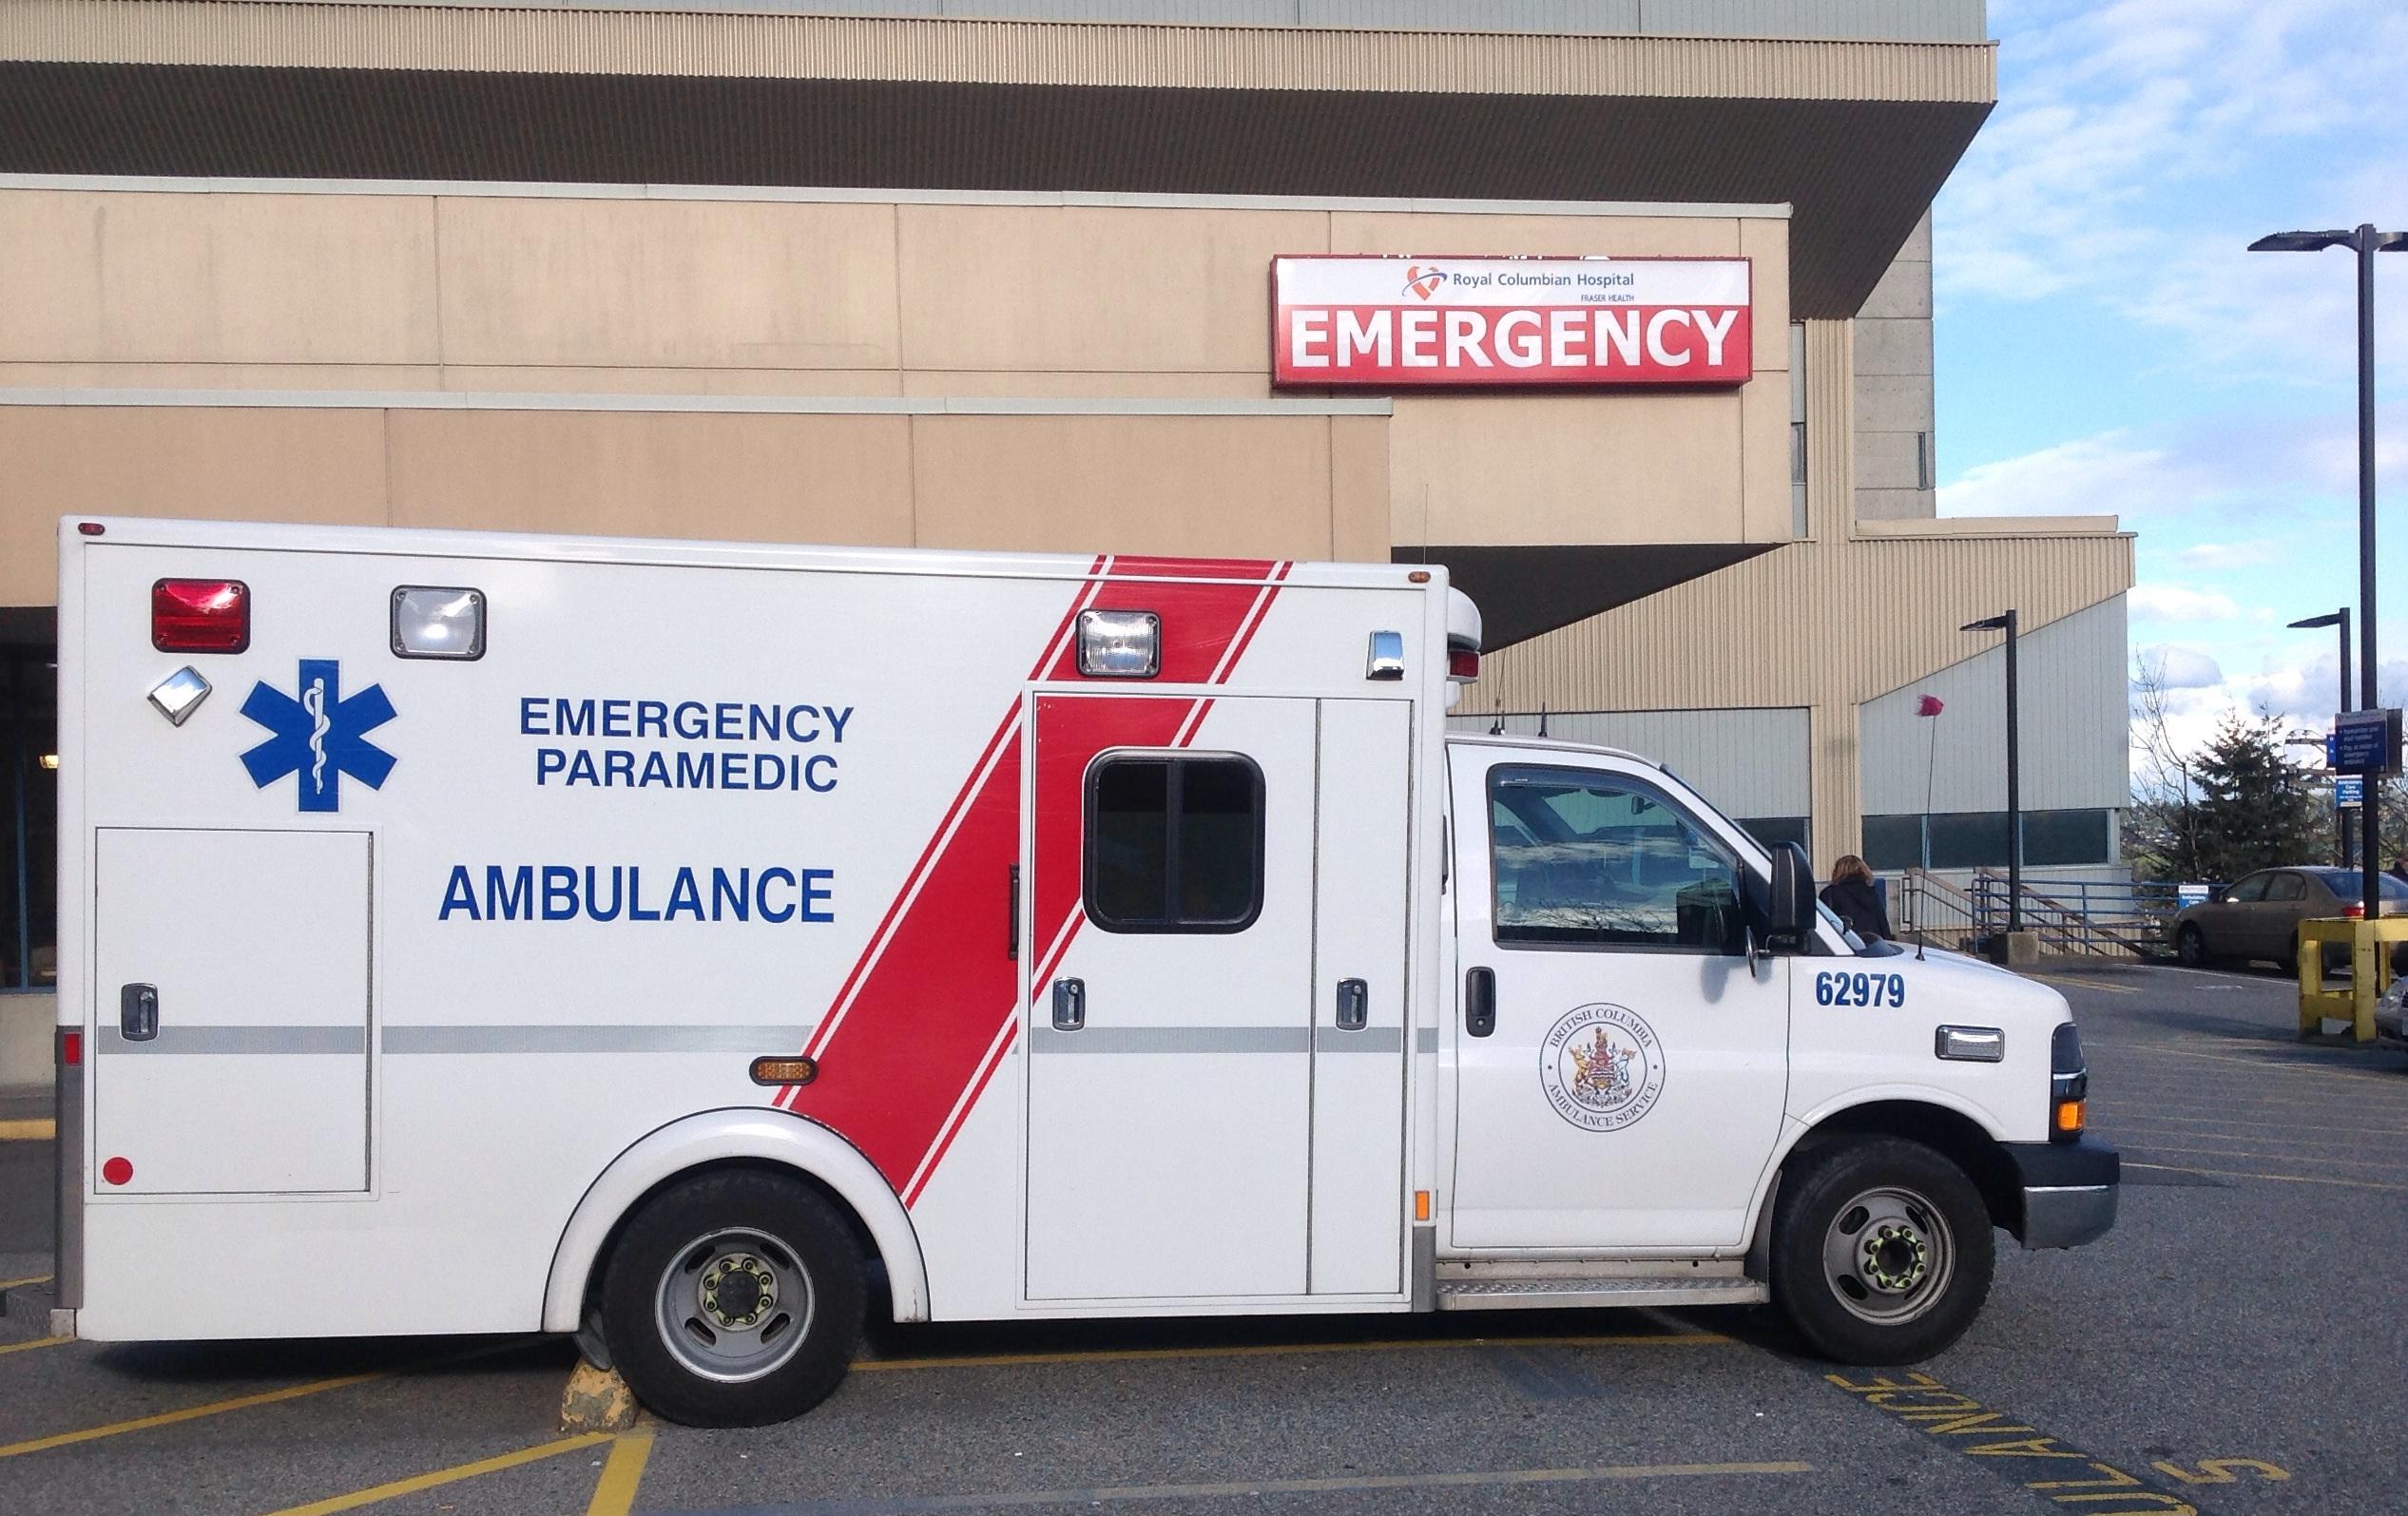 File:BC Ambulance at RCH.jpg - Wikimedia Commons